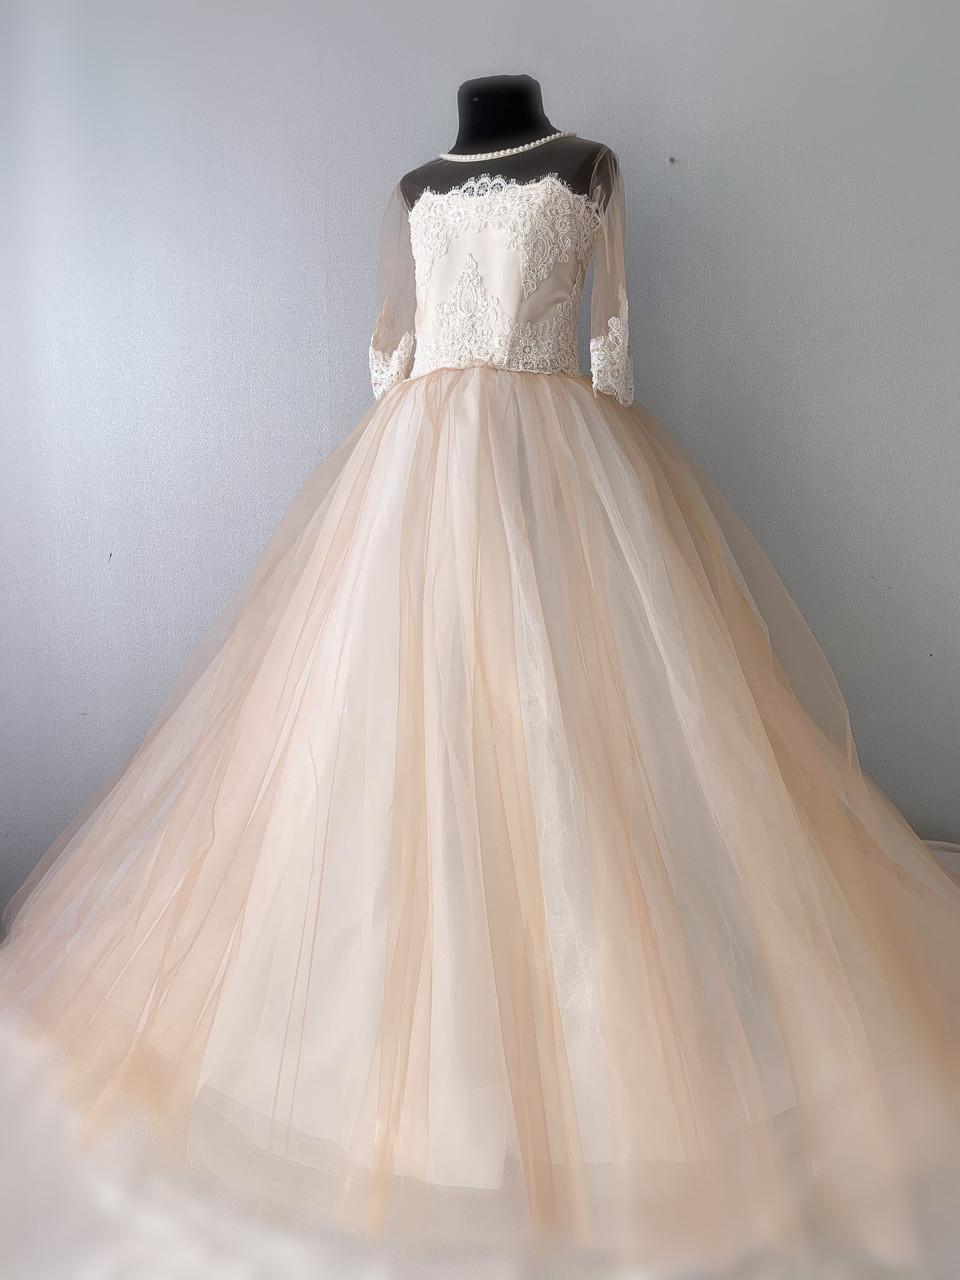 Шикарное платье с рукавами в нюдовом оттенке